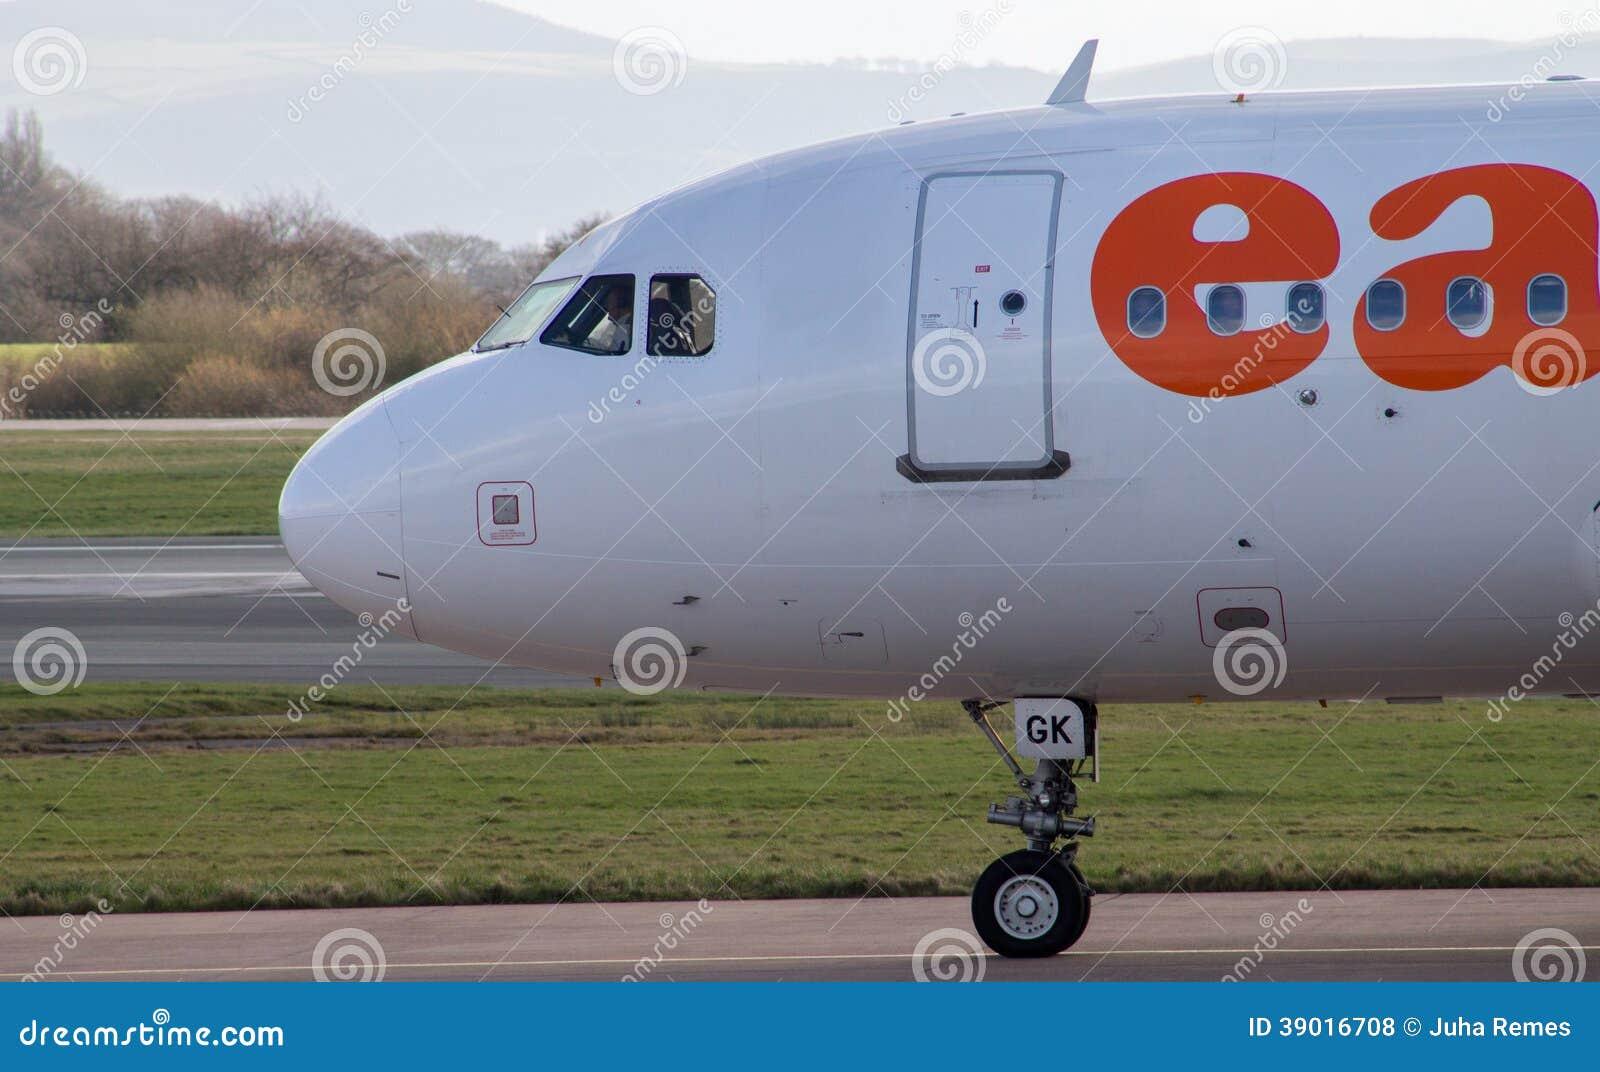 Манчестер, Великобритания - 16-ое февраля 2014: аэробус a easyJet